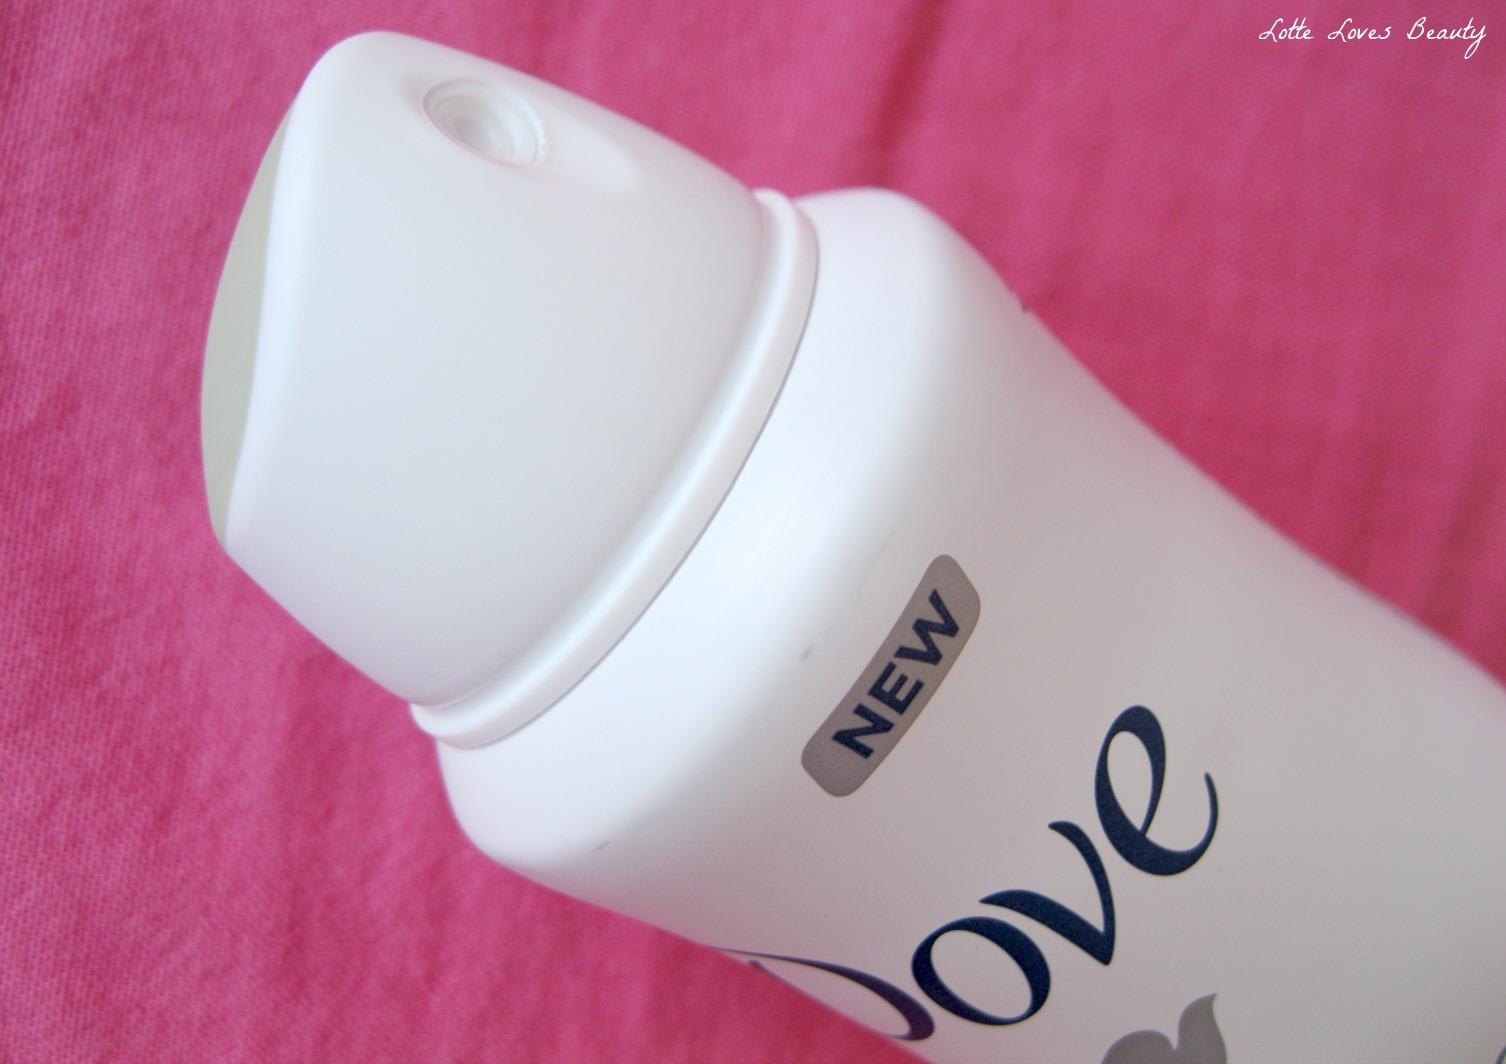 Dove Natural Touch Dead Sea Minerals Deodorant